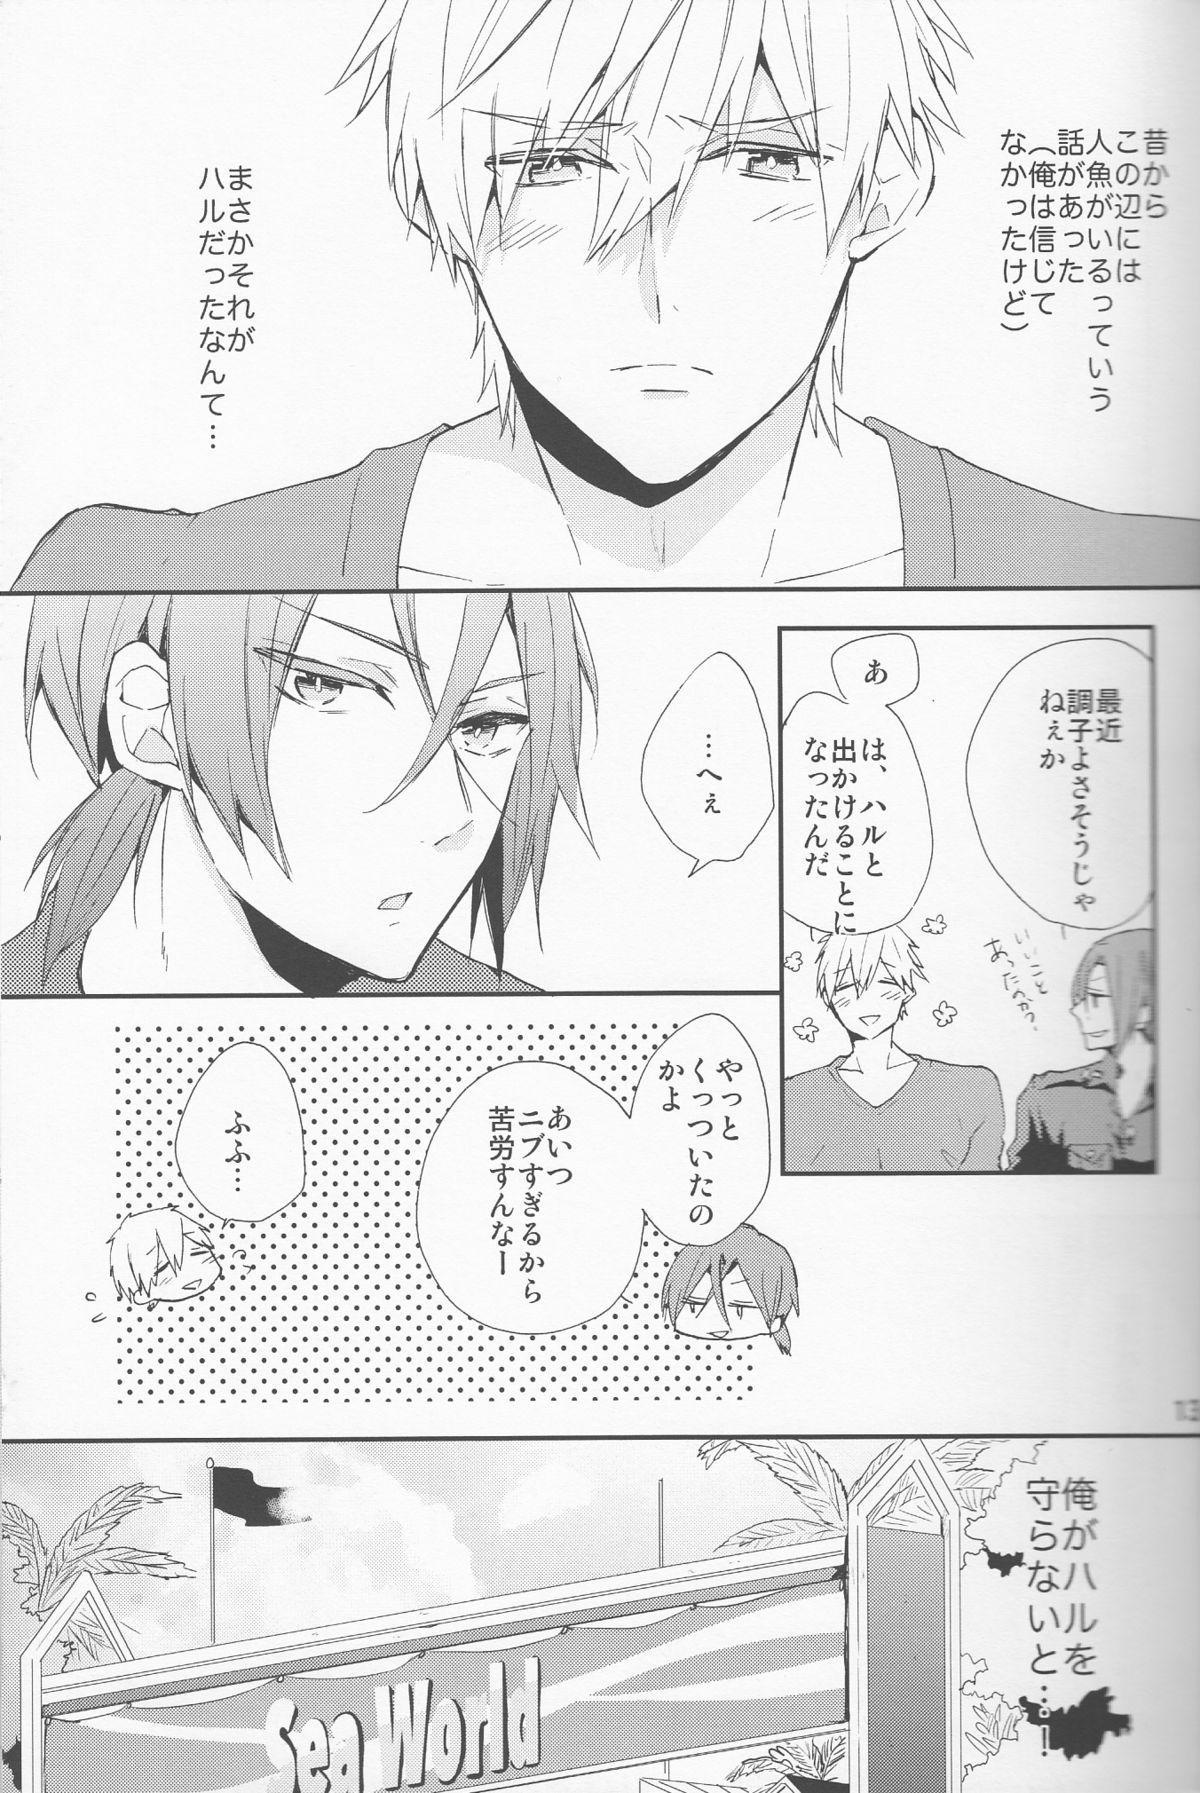 Shouboushi to Ningyo no Hon. 11